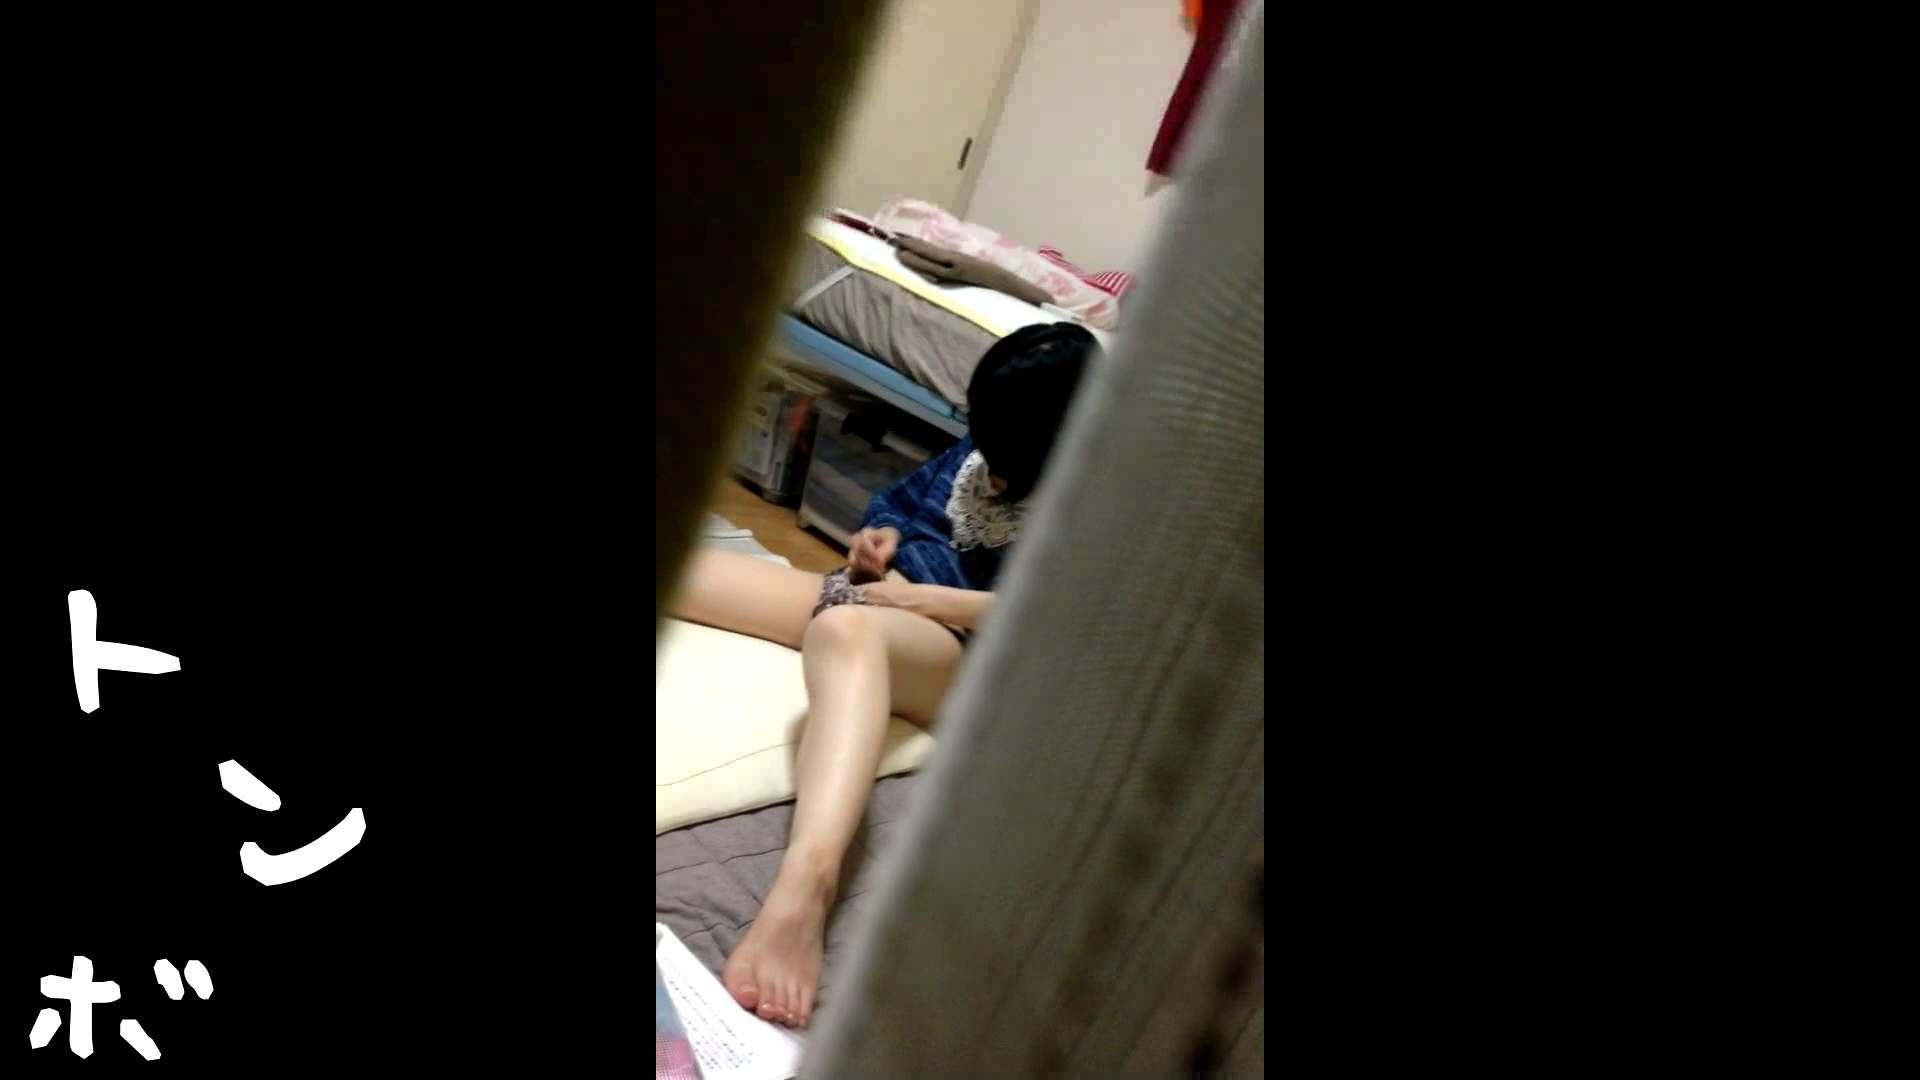 リアル盗撮 作家志望J子 アソコのお手入れ最中に感じてパンツを湿らす 潜入 覗きおまんこ画像 105pic 48